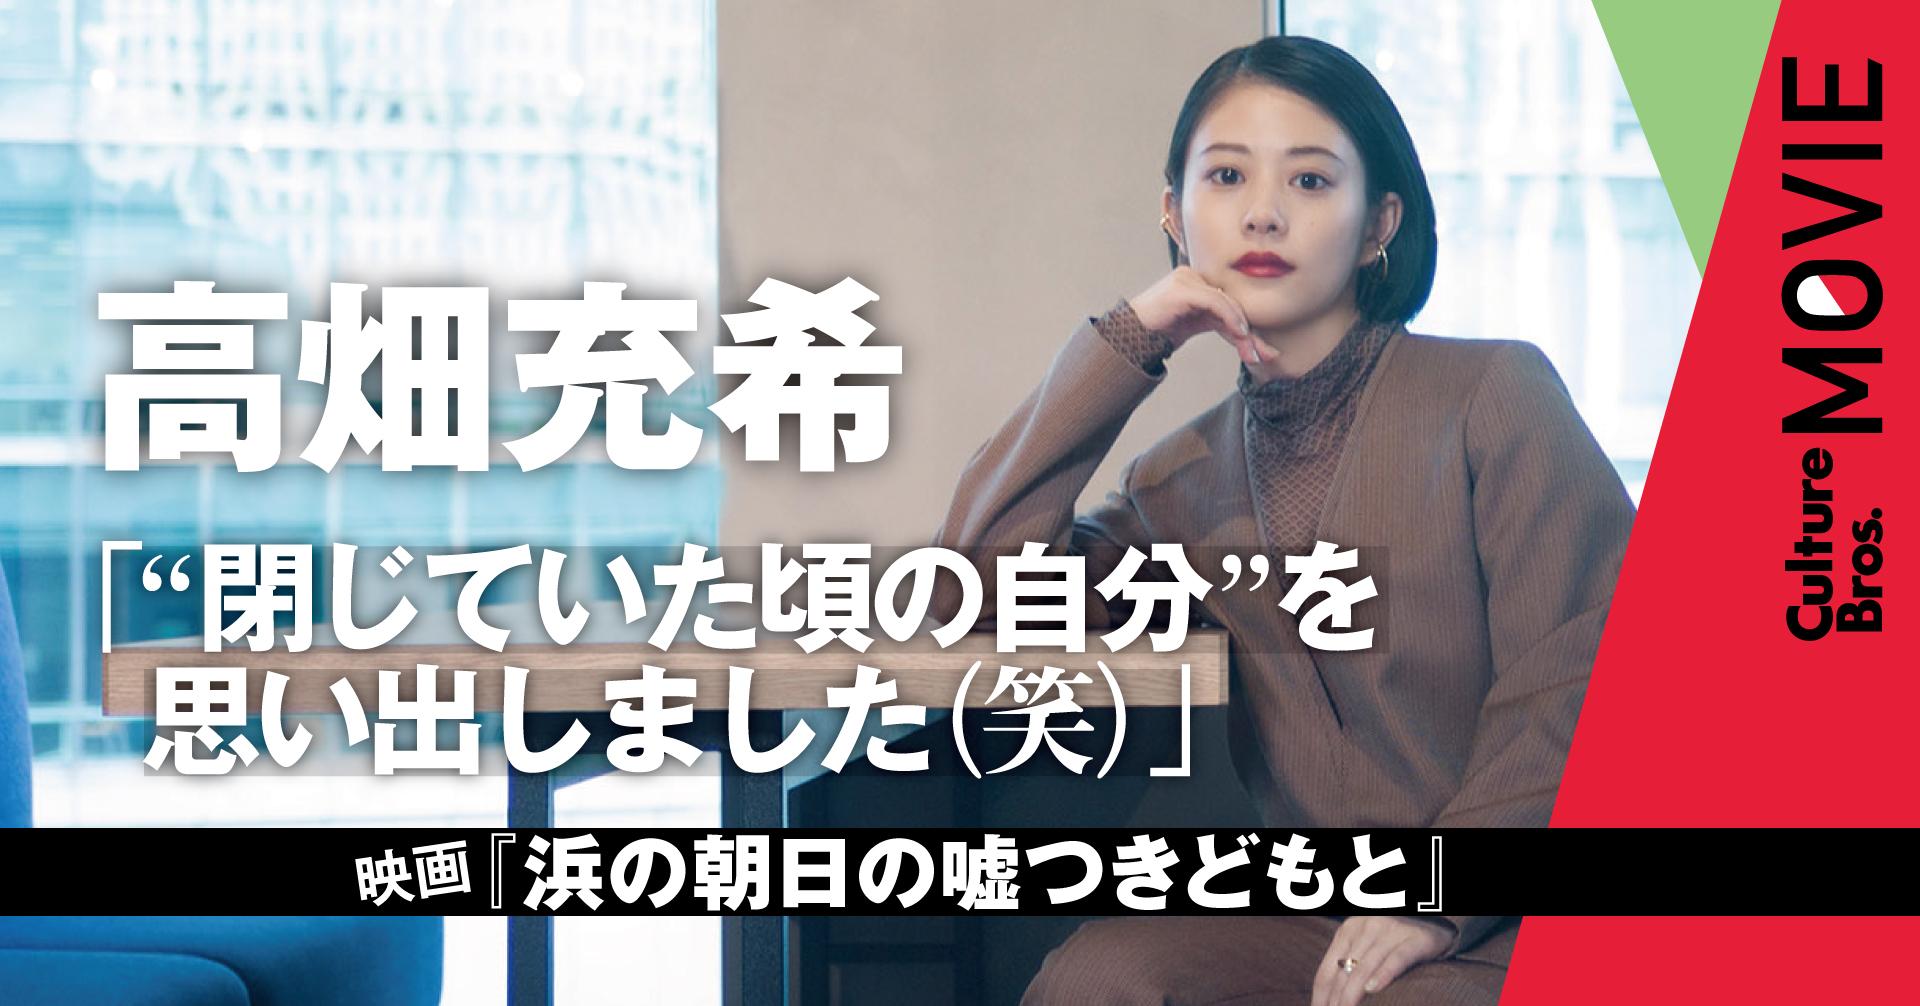 ☆☆ あな | 絵ほんステーション